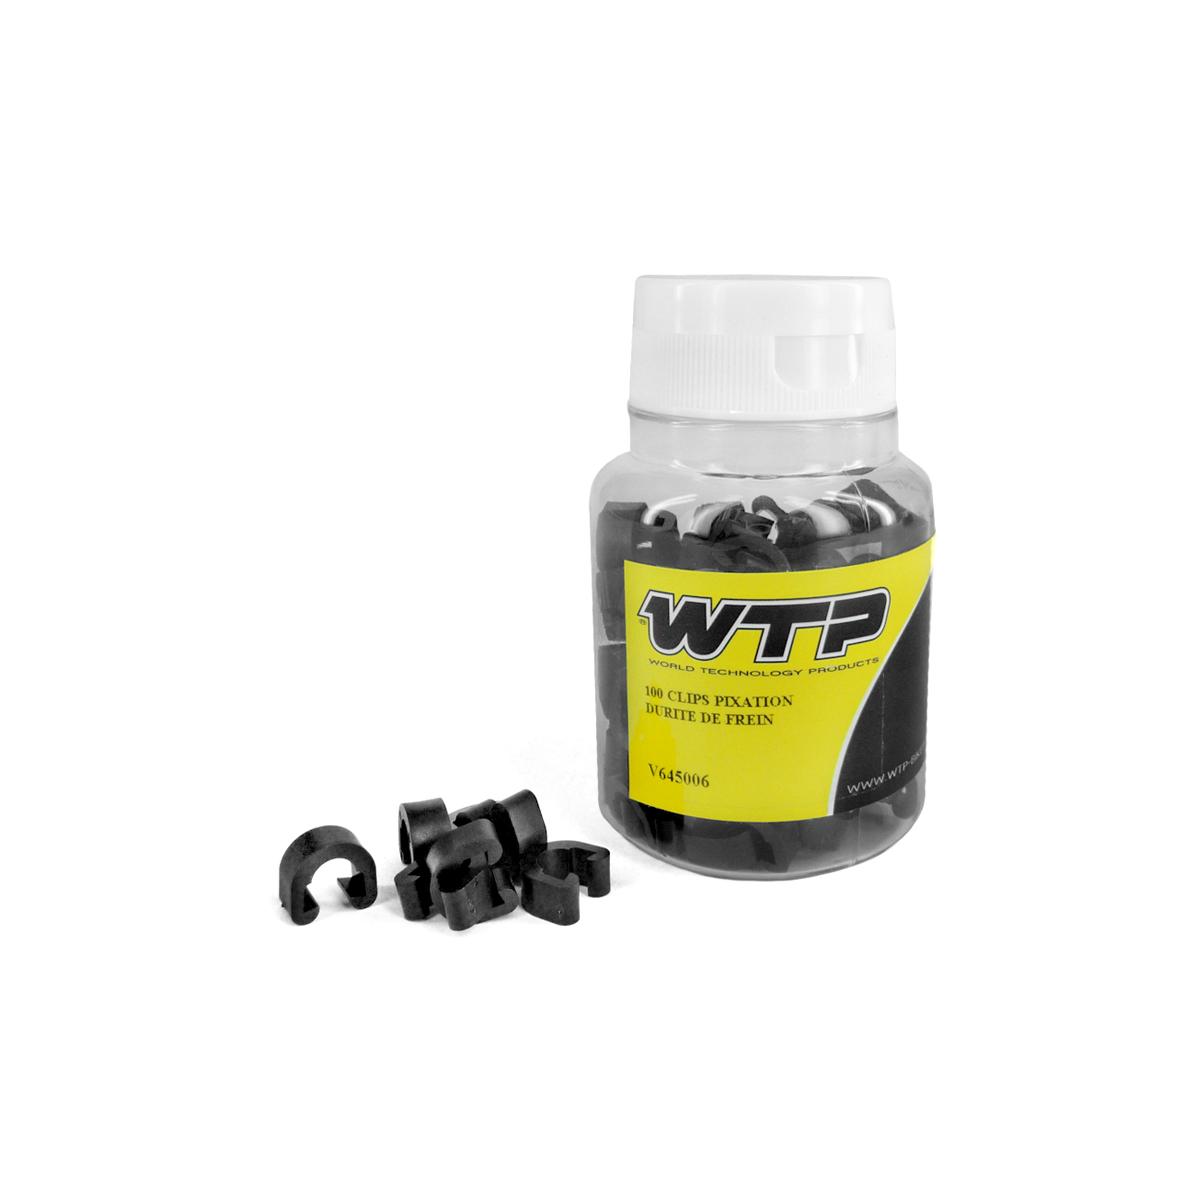 Boite de 100 clips WTP fixation durite de frein